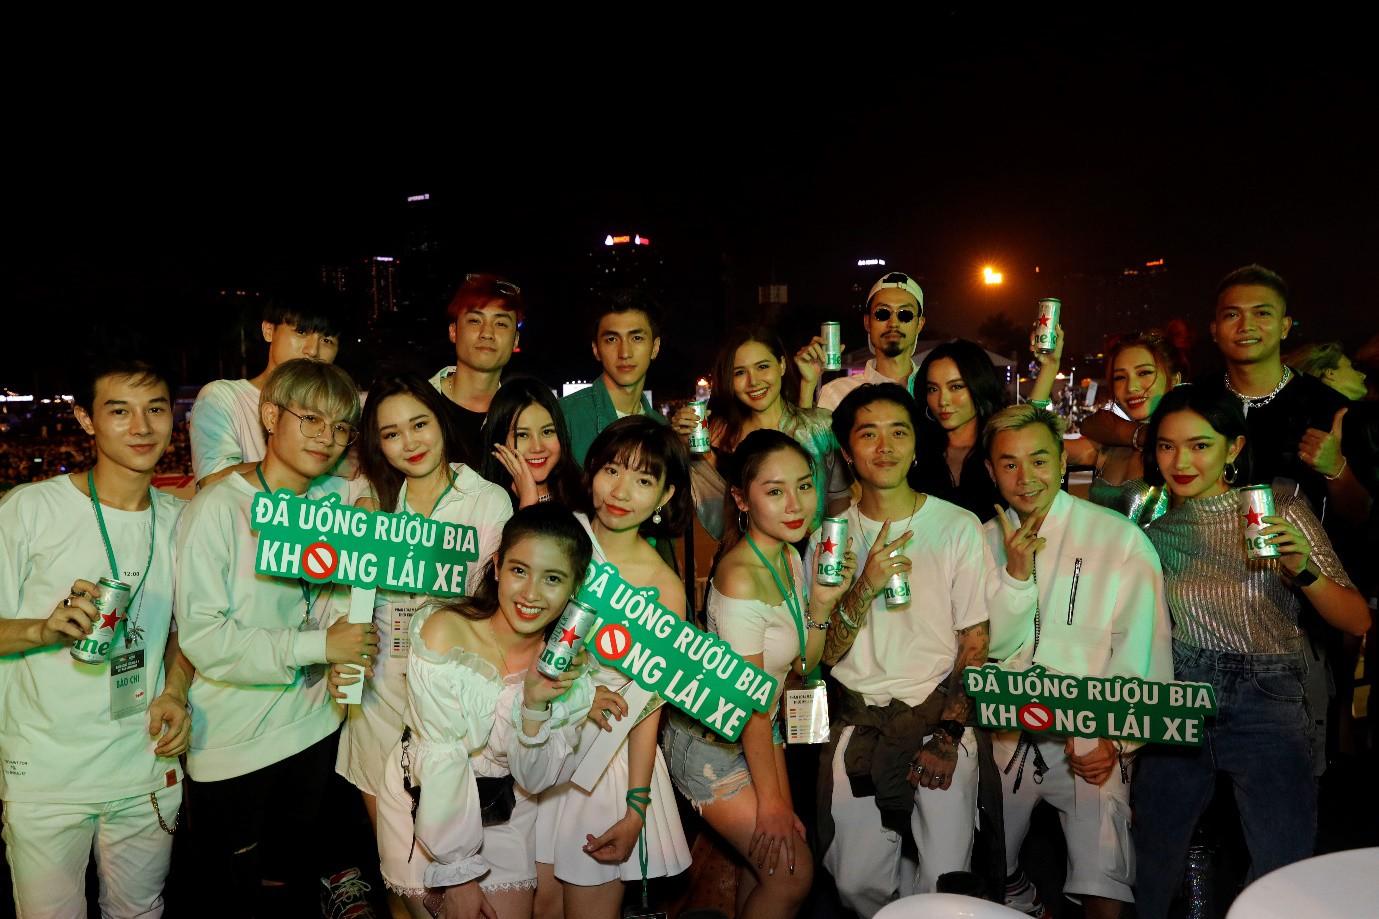 Fan Việt dậy sóng với trải nghiệm giải đua F1 cùng DJ quốc tế Armin Van Buuren - Ảnh 6.